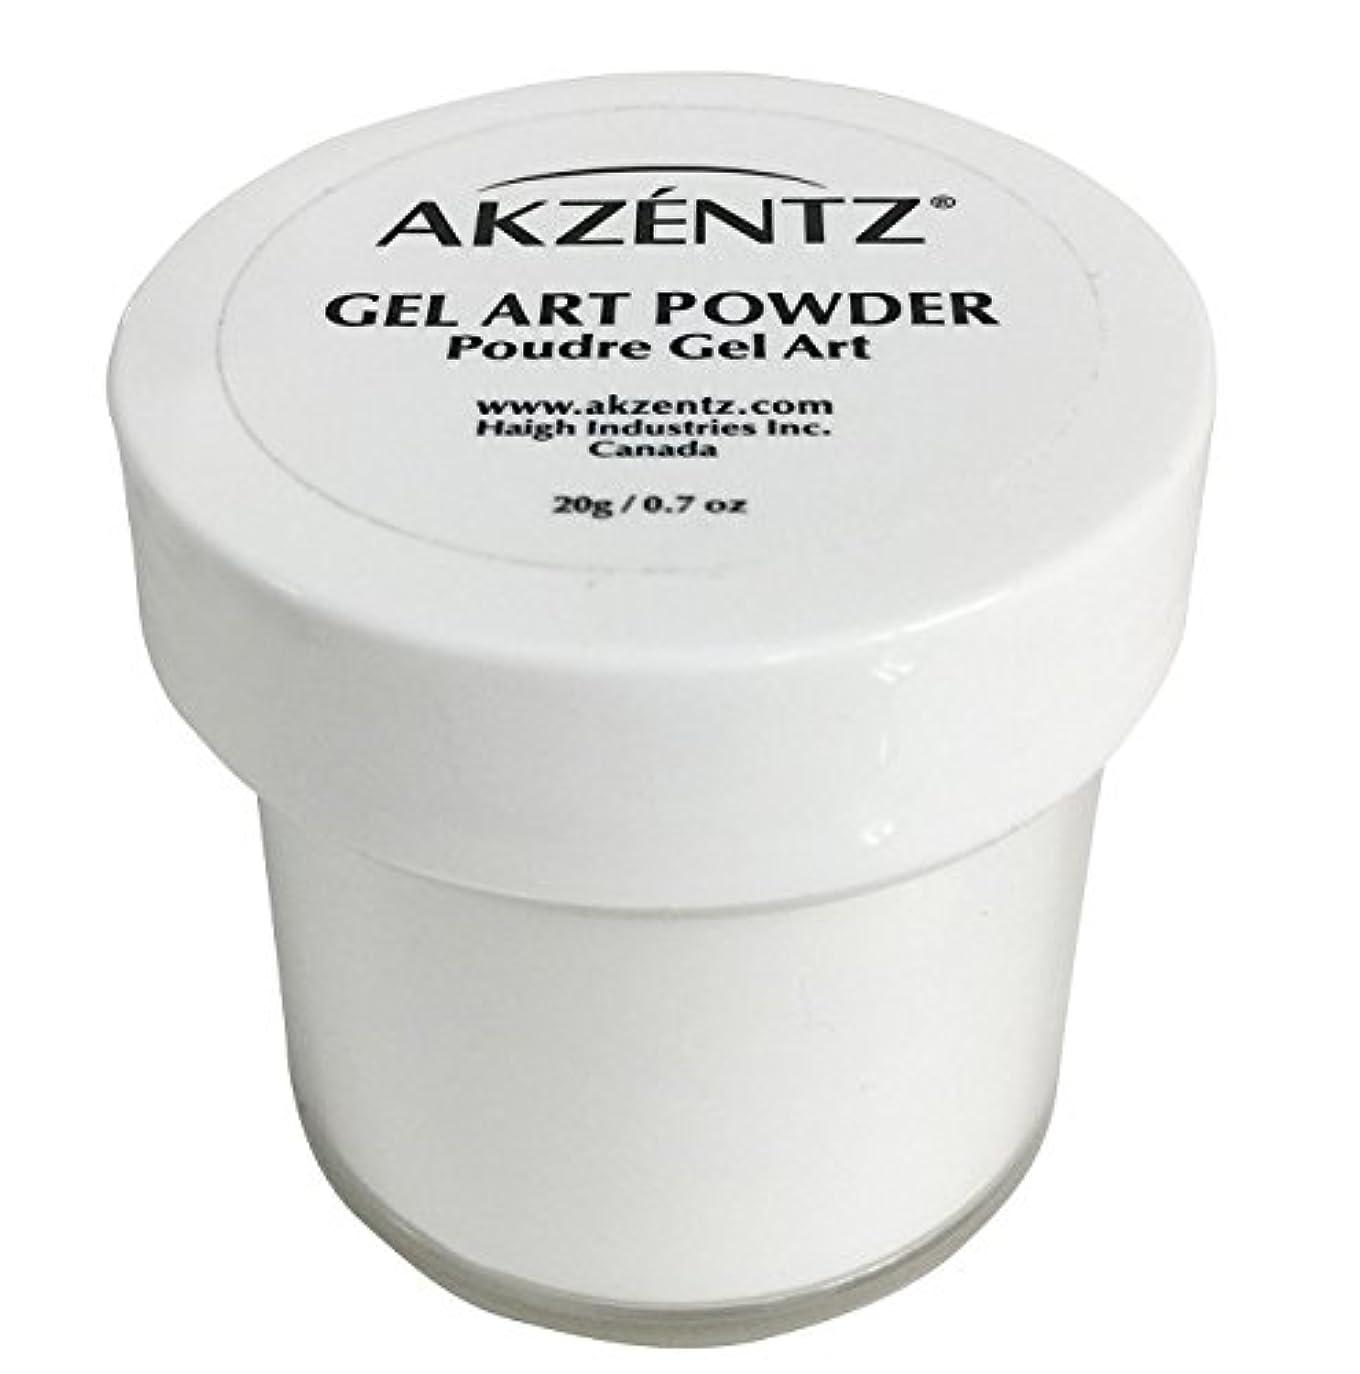 ペチュランス風変わりなモールス信号AKZENTZ(アクセンツ) ジェルアートパウダー 20g